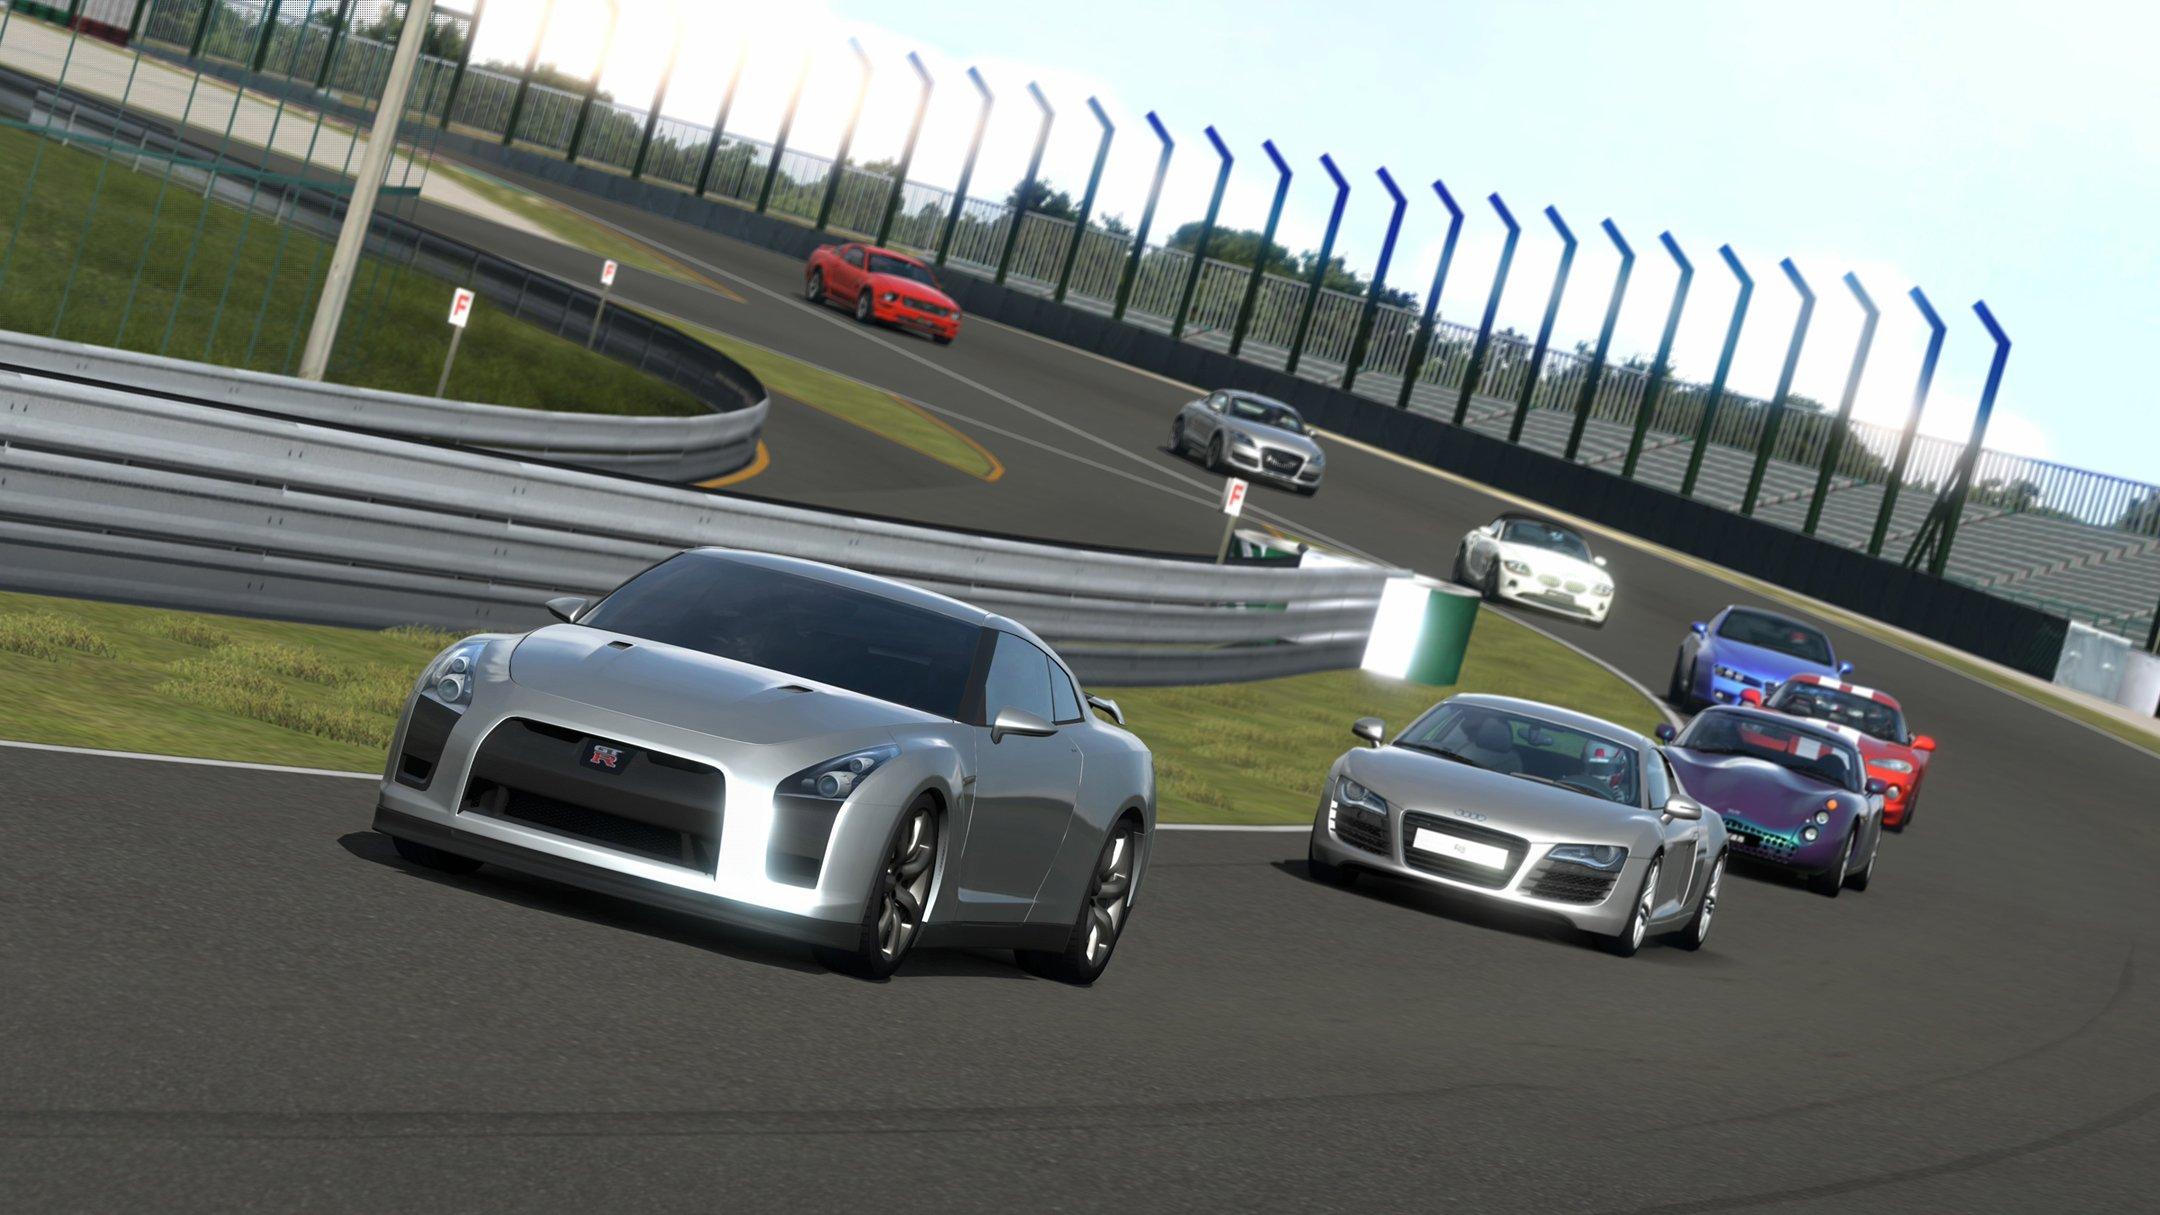 3D инструктор 2, Euro Truck Simulator 2, Gran Turismo 6 - как ведет себя руль Logitech G27 . - Изображение 1